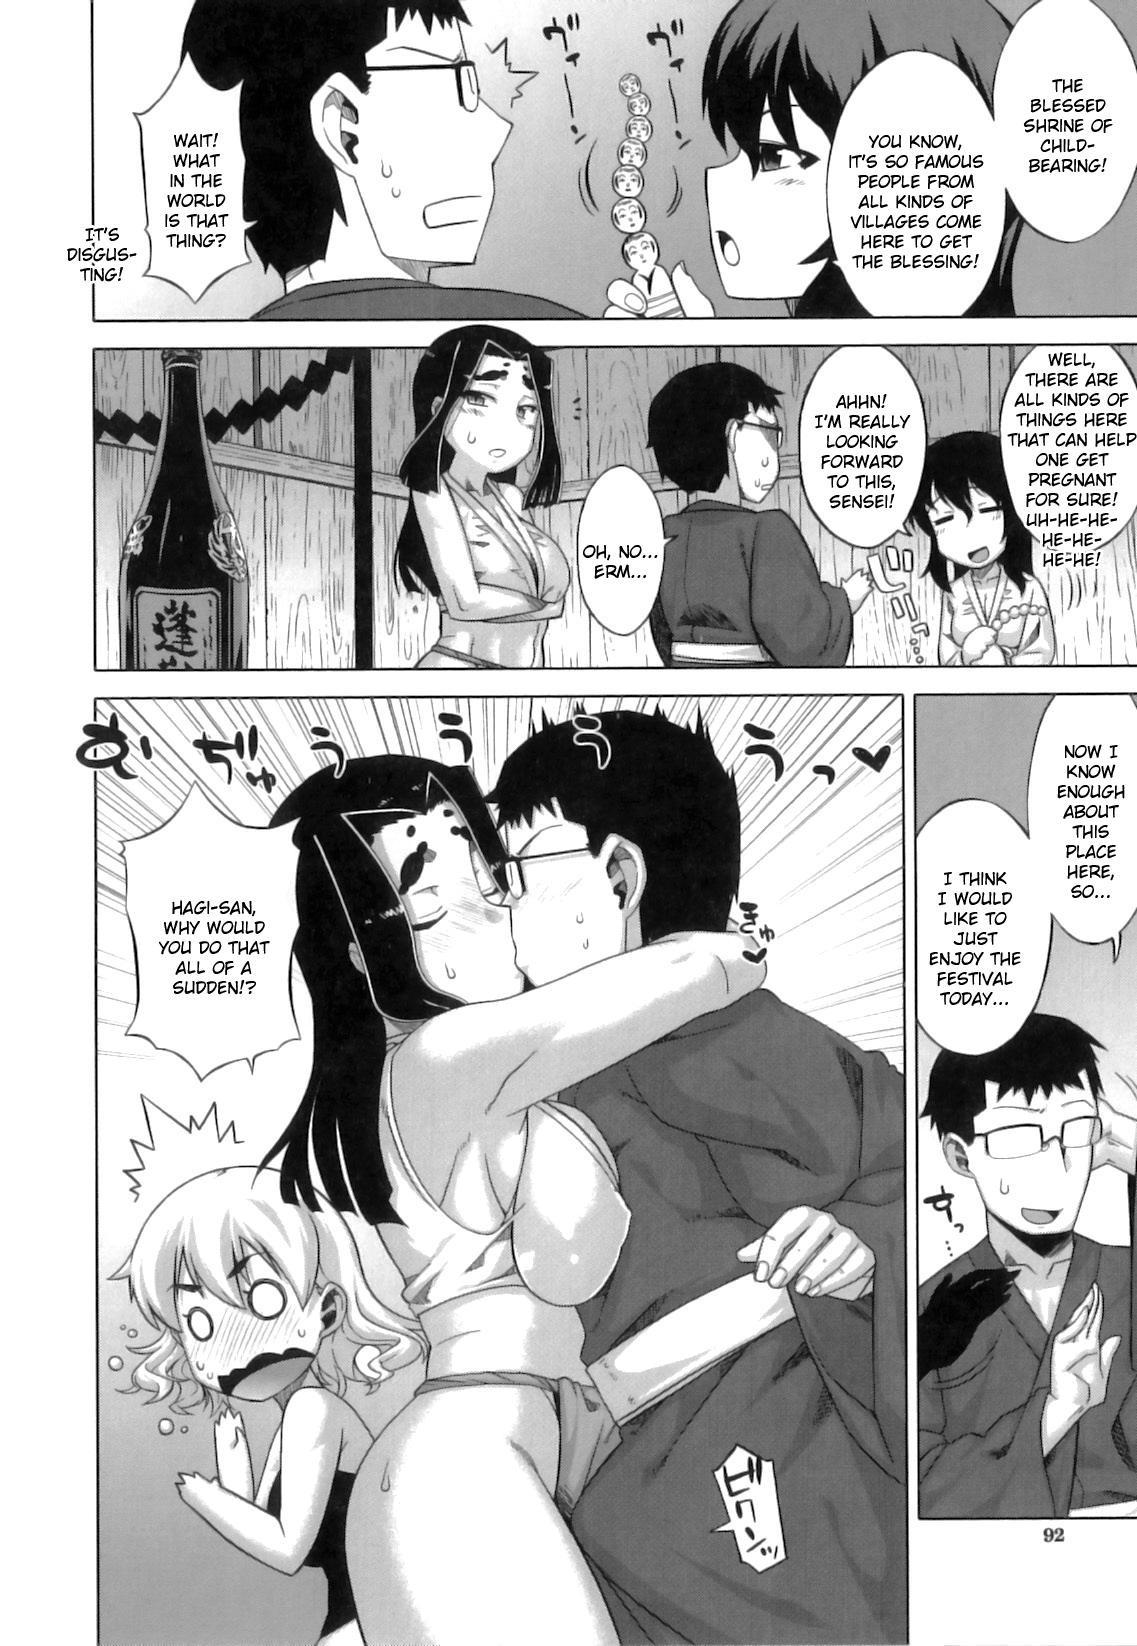 [Takatsu] DH! ~Himorogi Hyaku Yome Gatari~ | Demon-Hentai! - Shrine of One Hundred Wives [English] {doujin-moe.us} 93